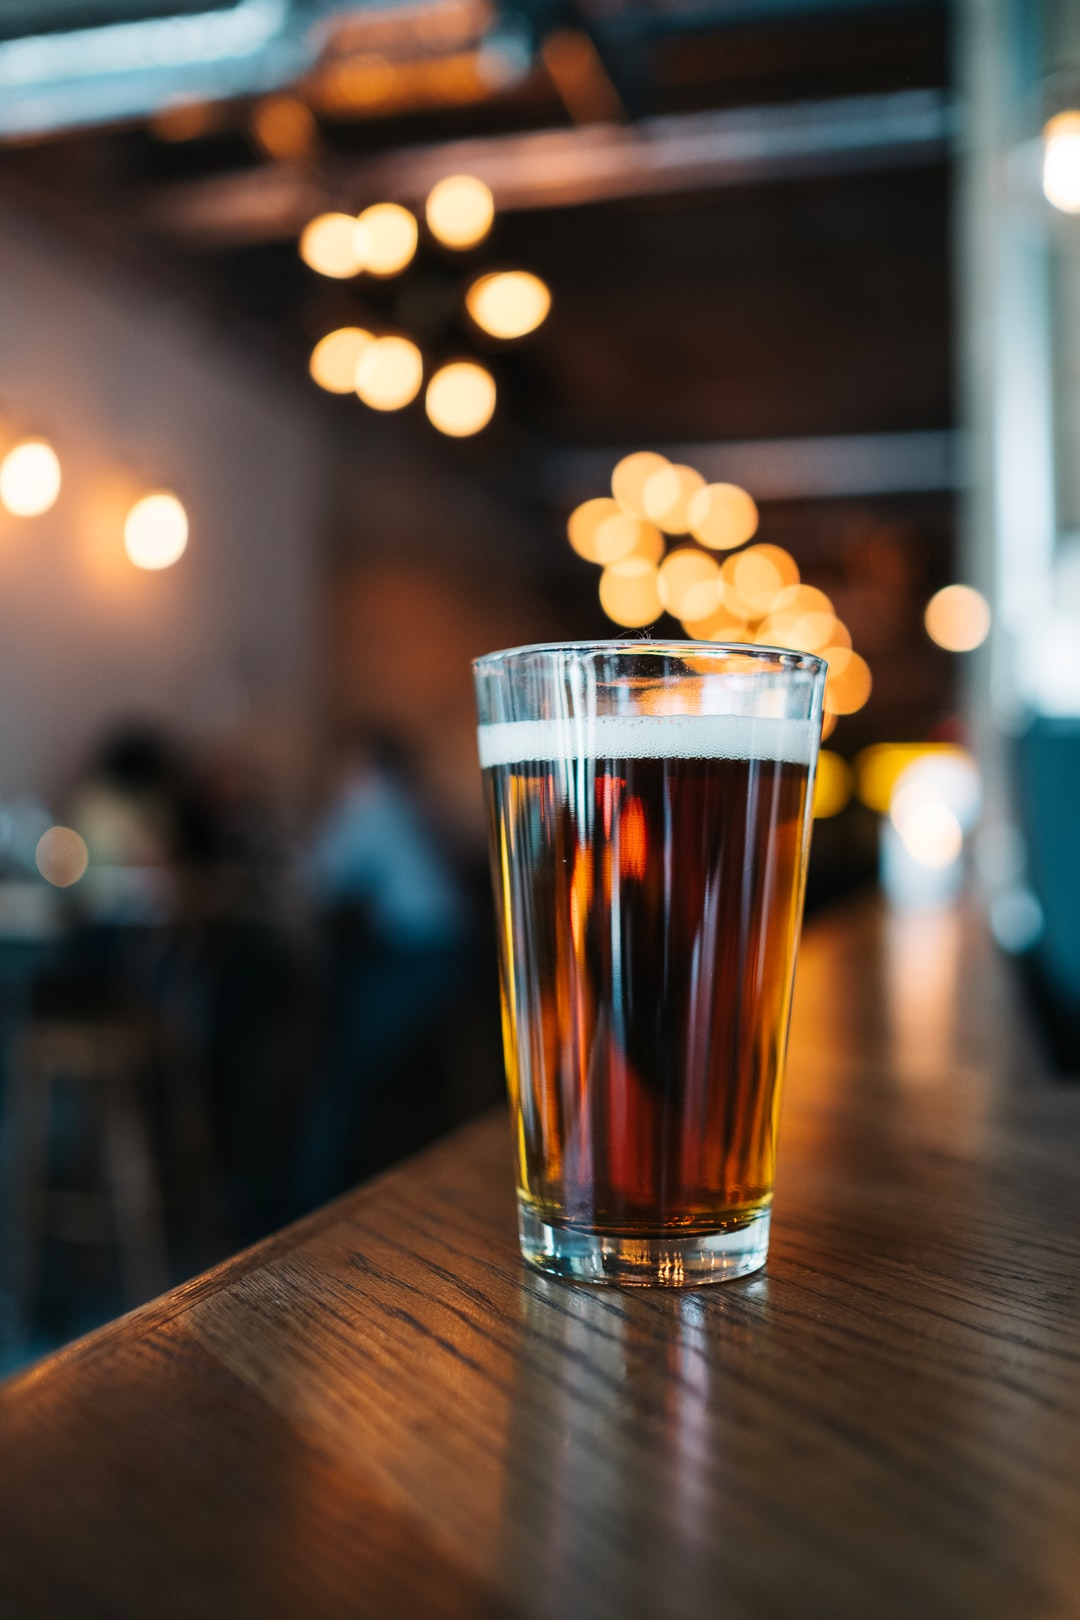 Best 20 Beer Images  Download Free Images On Unsplash-6497